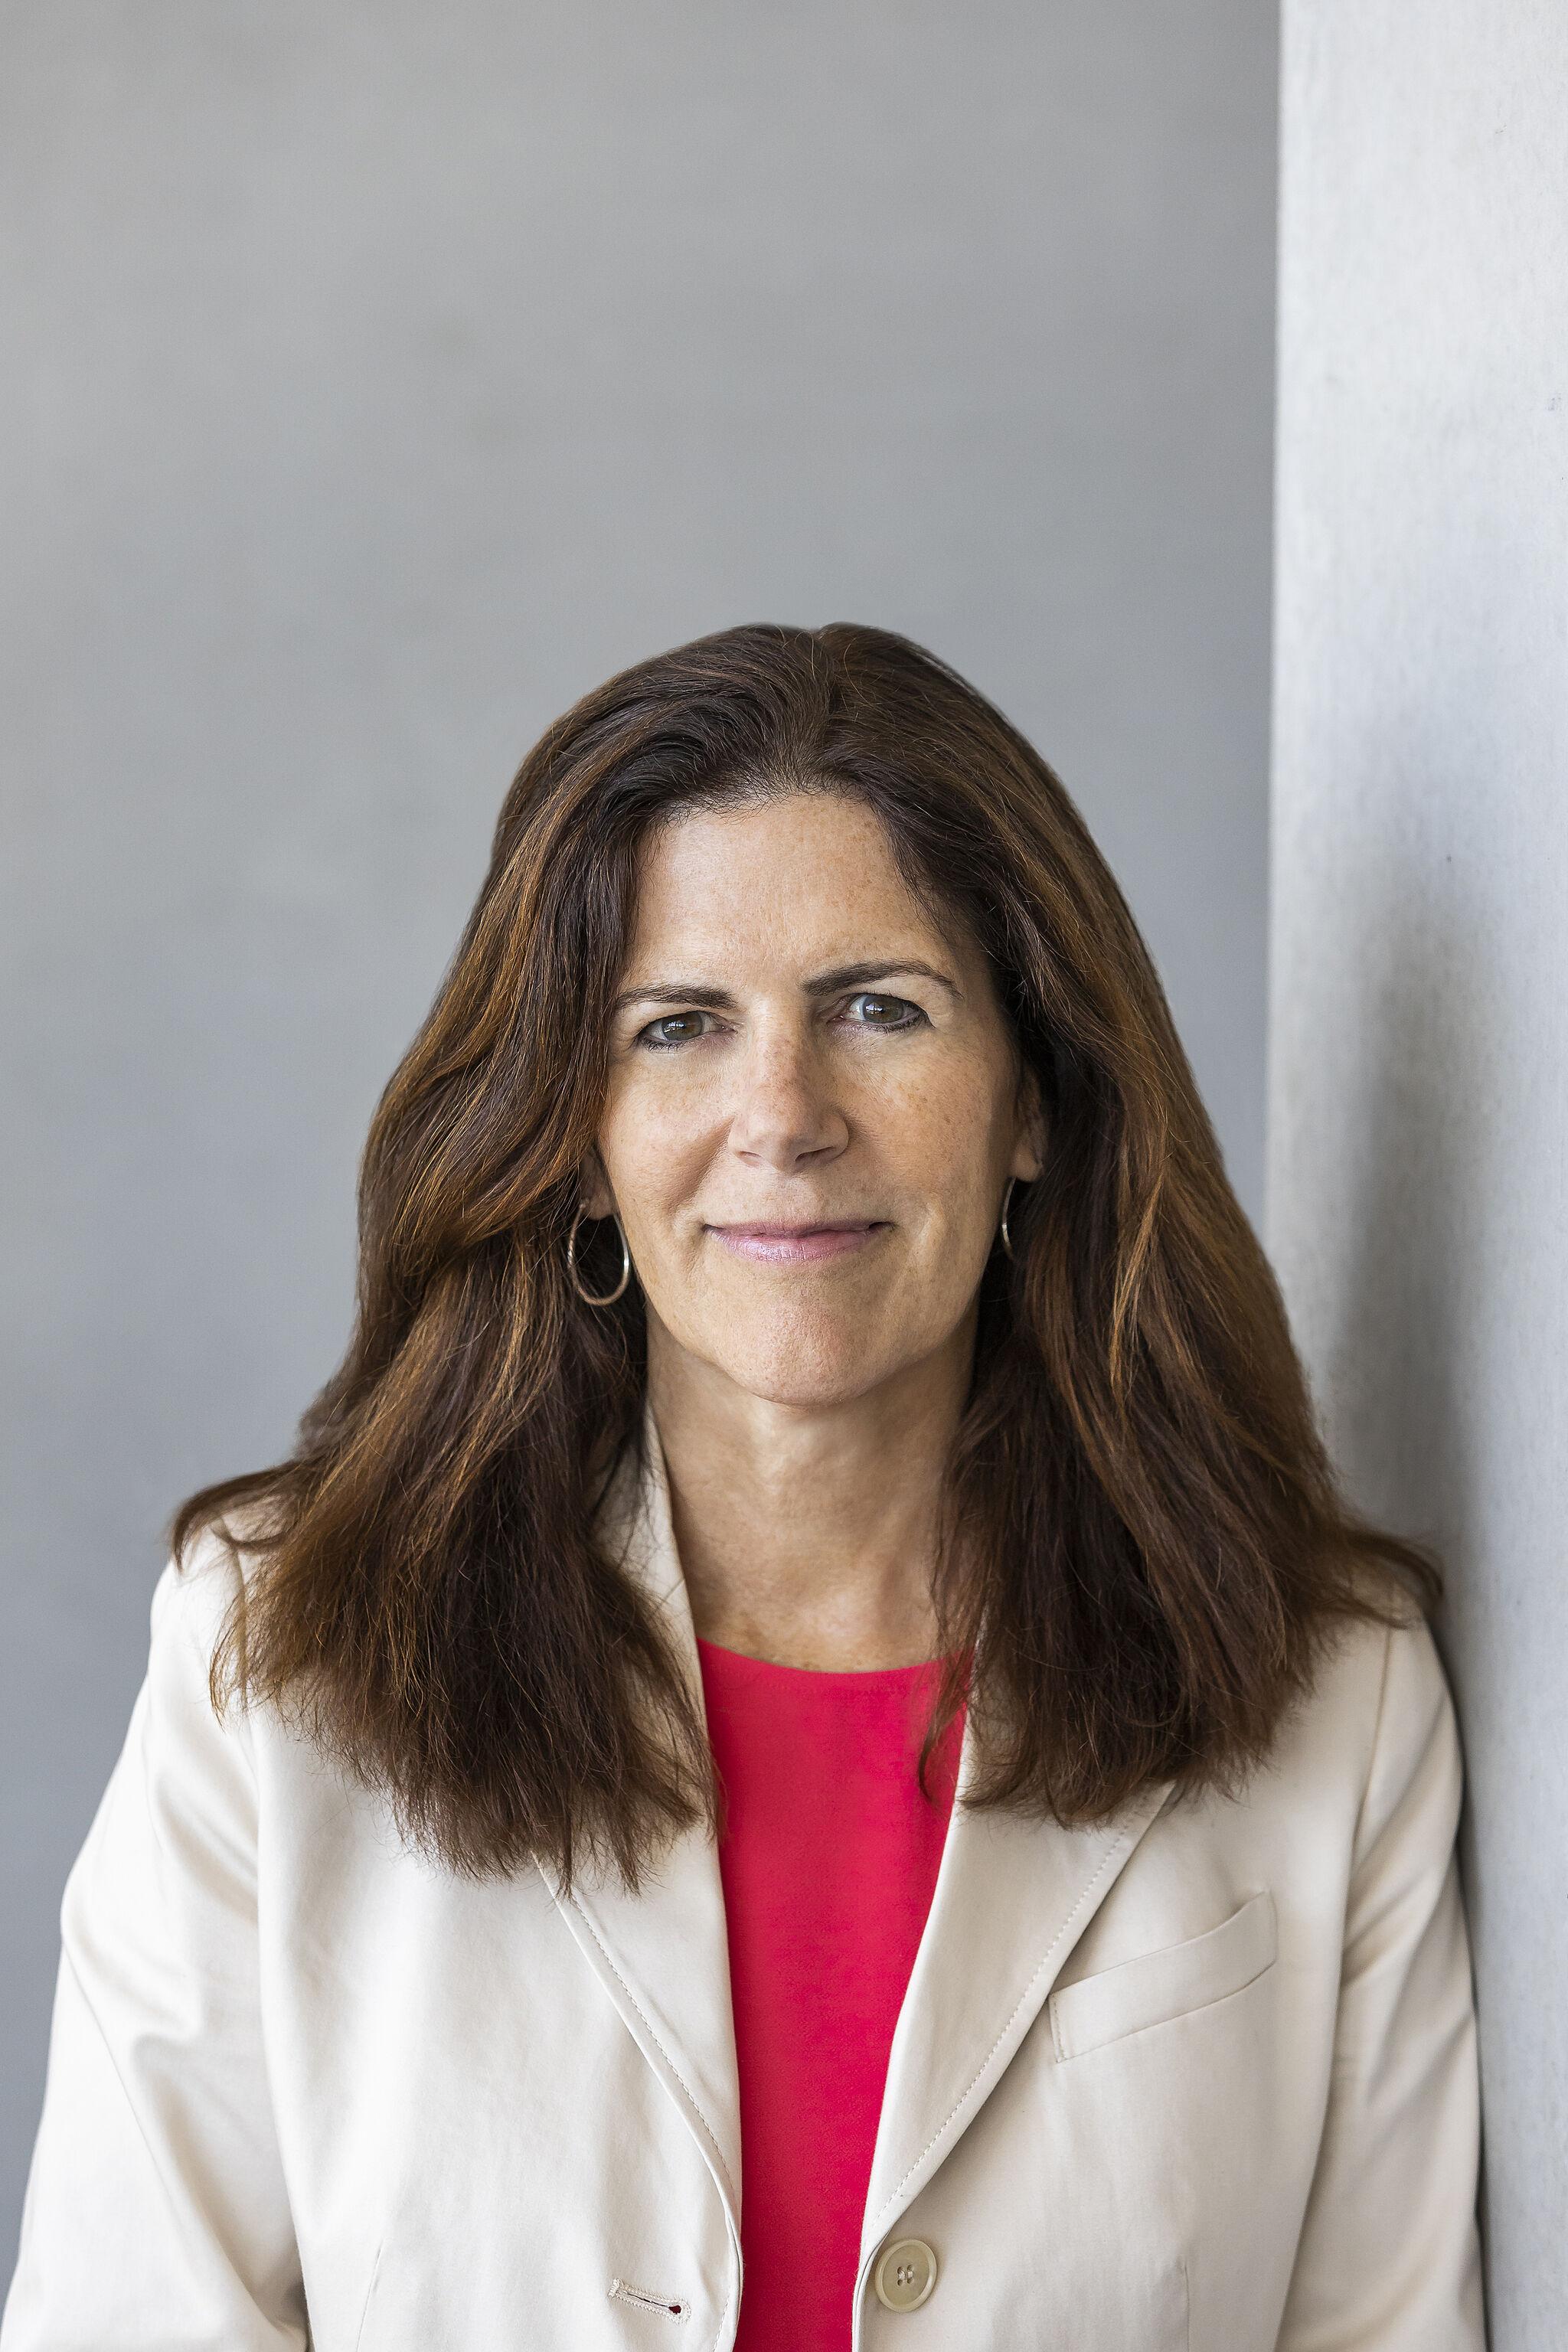 A photograph of Pamela Besnard.